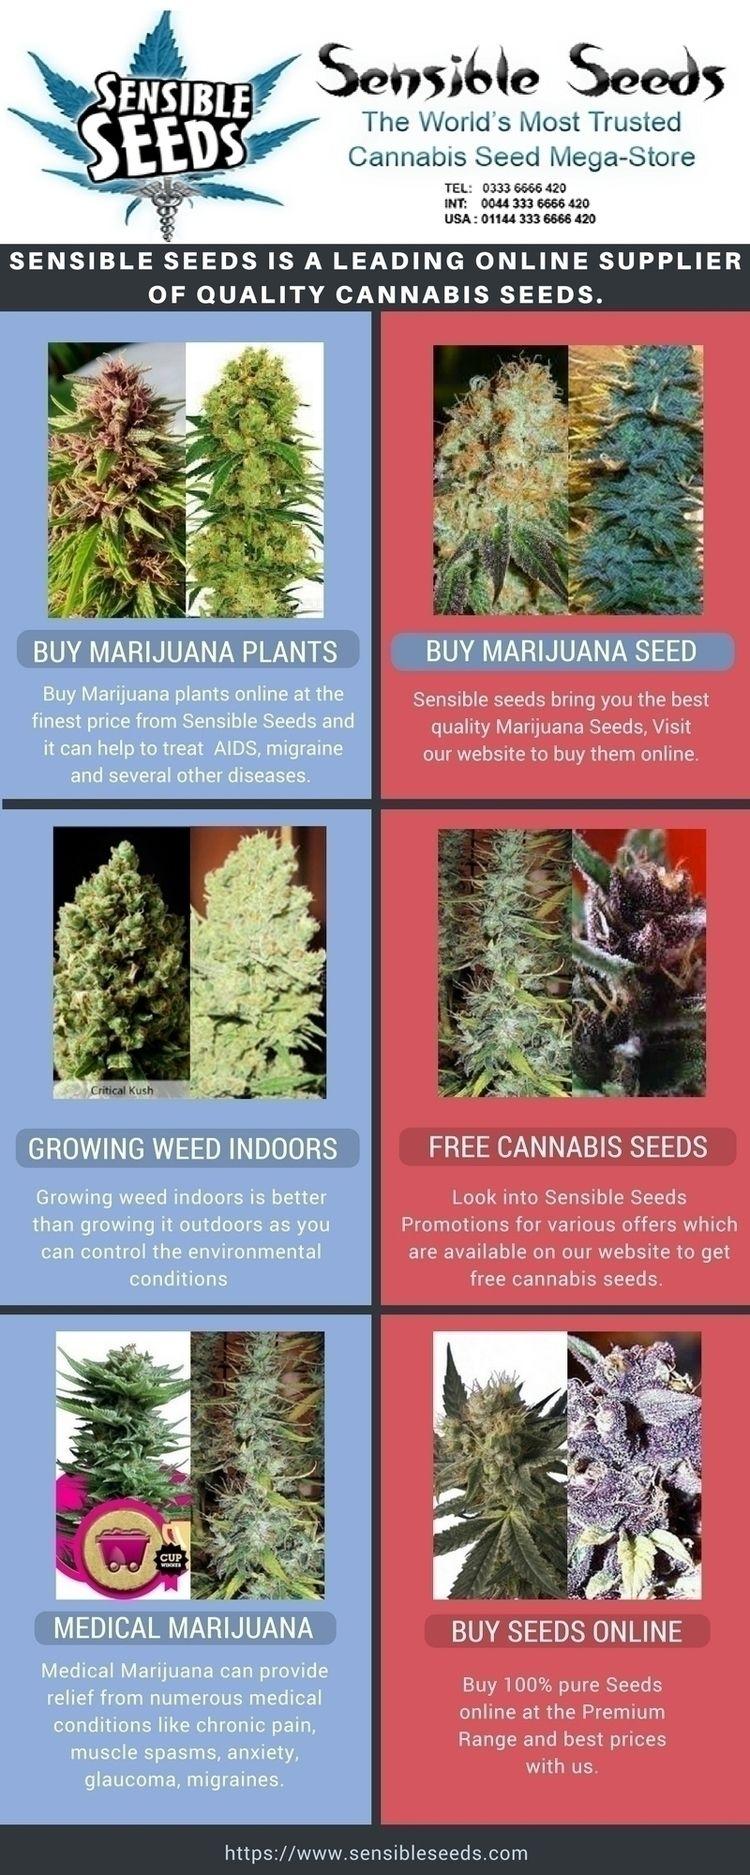 buy marijuana plants online che - sensibleseeds | ello